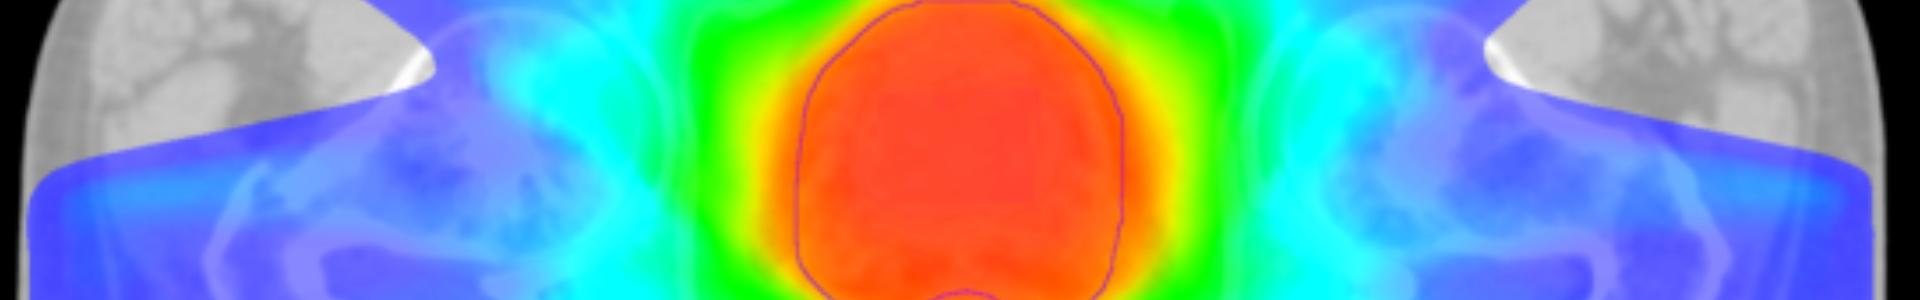 image irm sur moniteur radiothérapie du cancer de la prostate